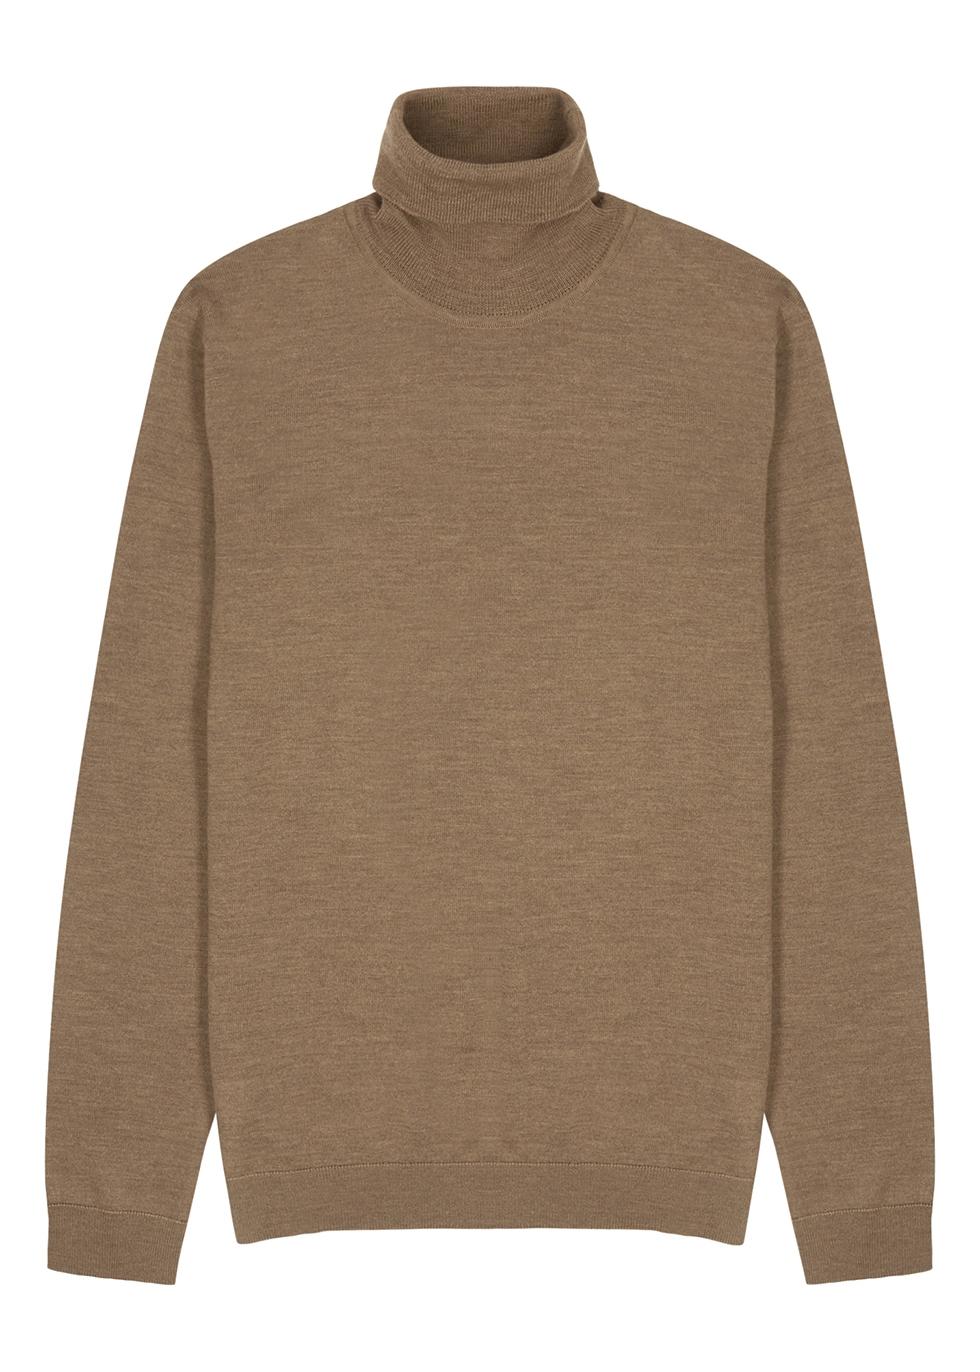 Richard light brown wool jumper